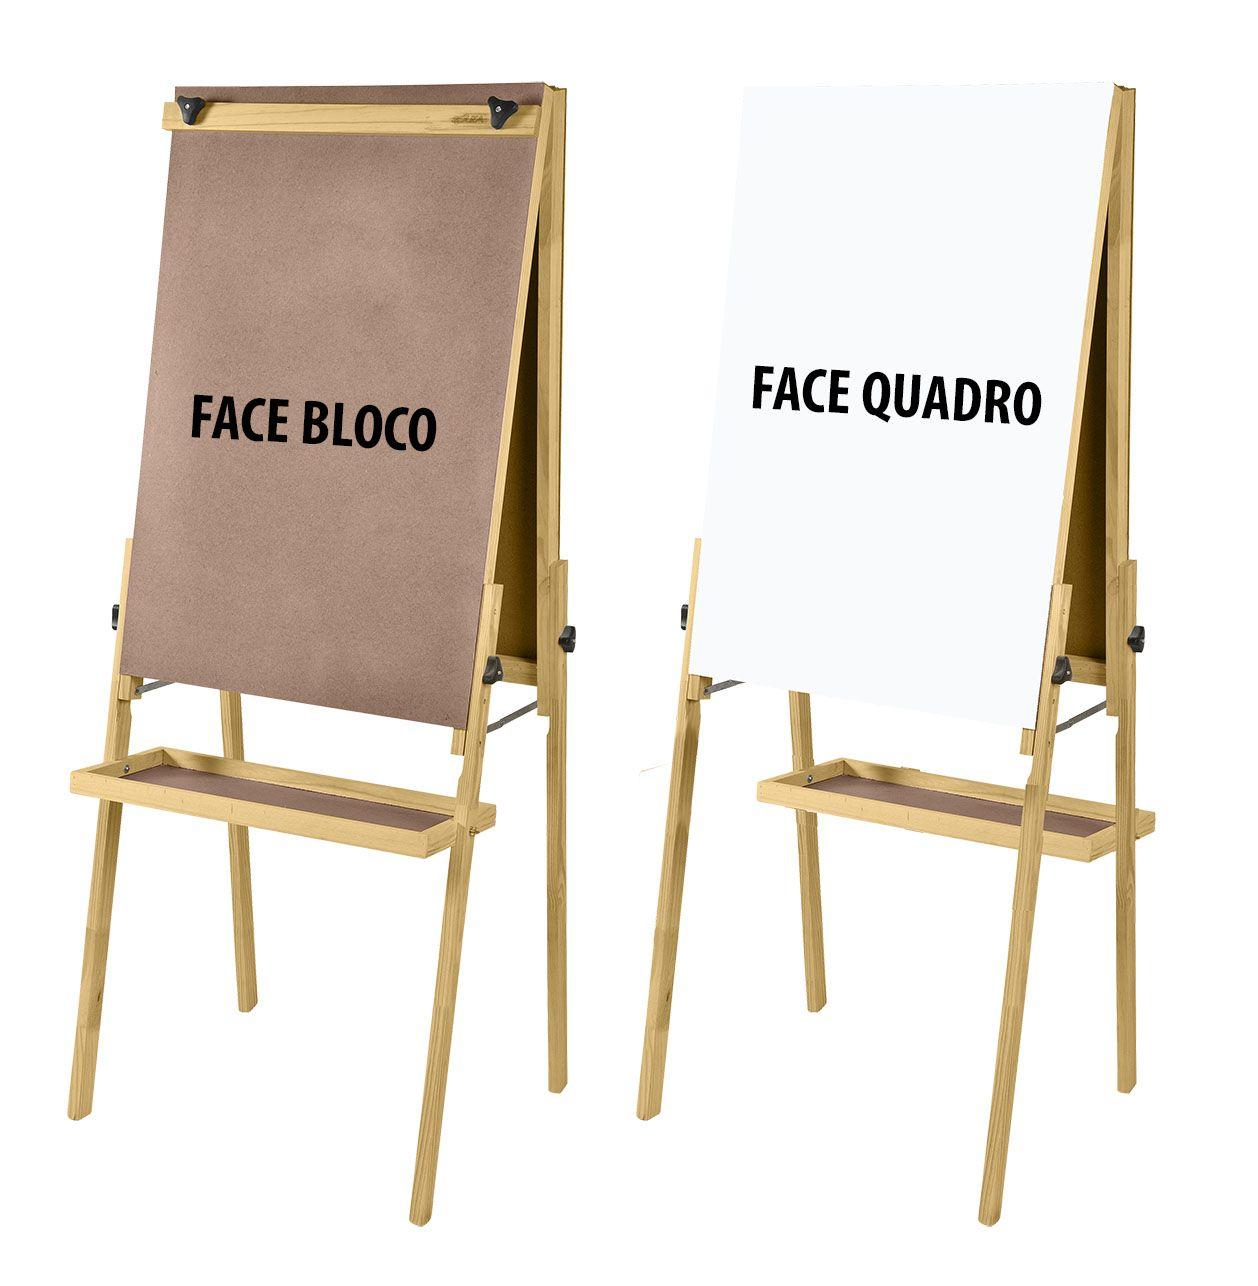 Cavalete Flip Chart Porta Bloco Compacto Dupla Face com Quadro Branco e Duratex estrutura em Madeira Altura Ajustável 1,63 ou 1,72 m - 2511 Souza